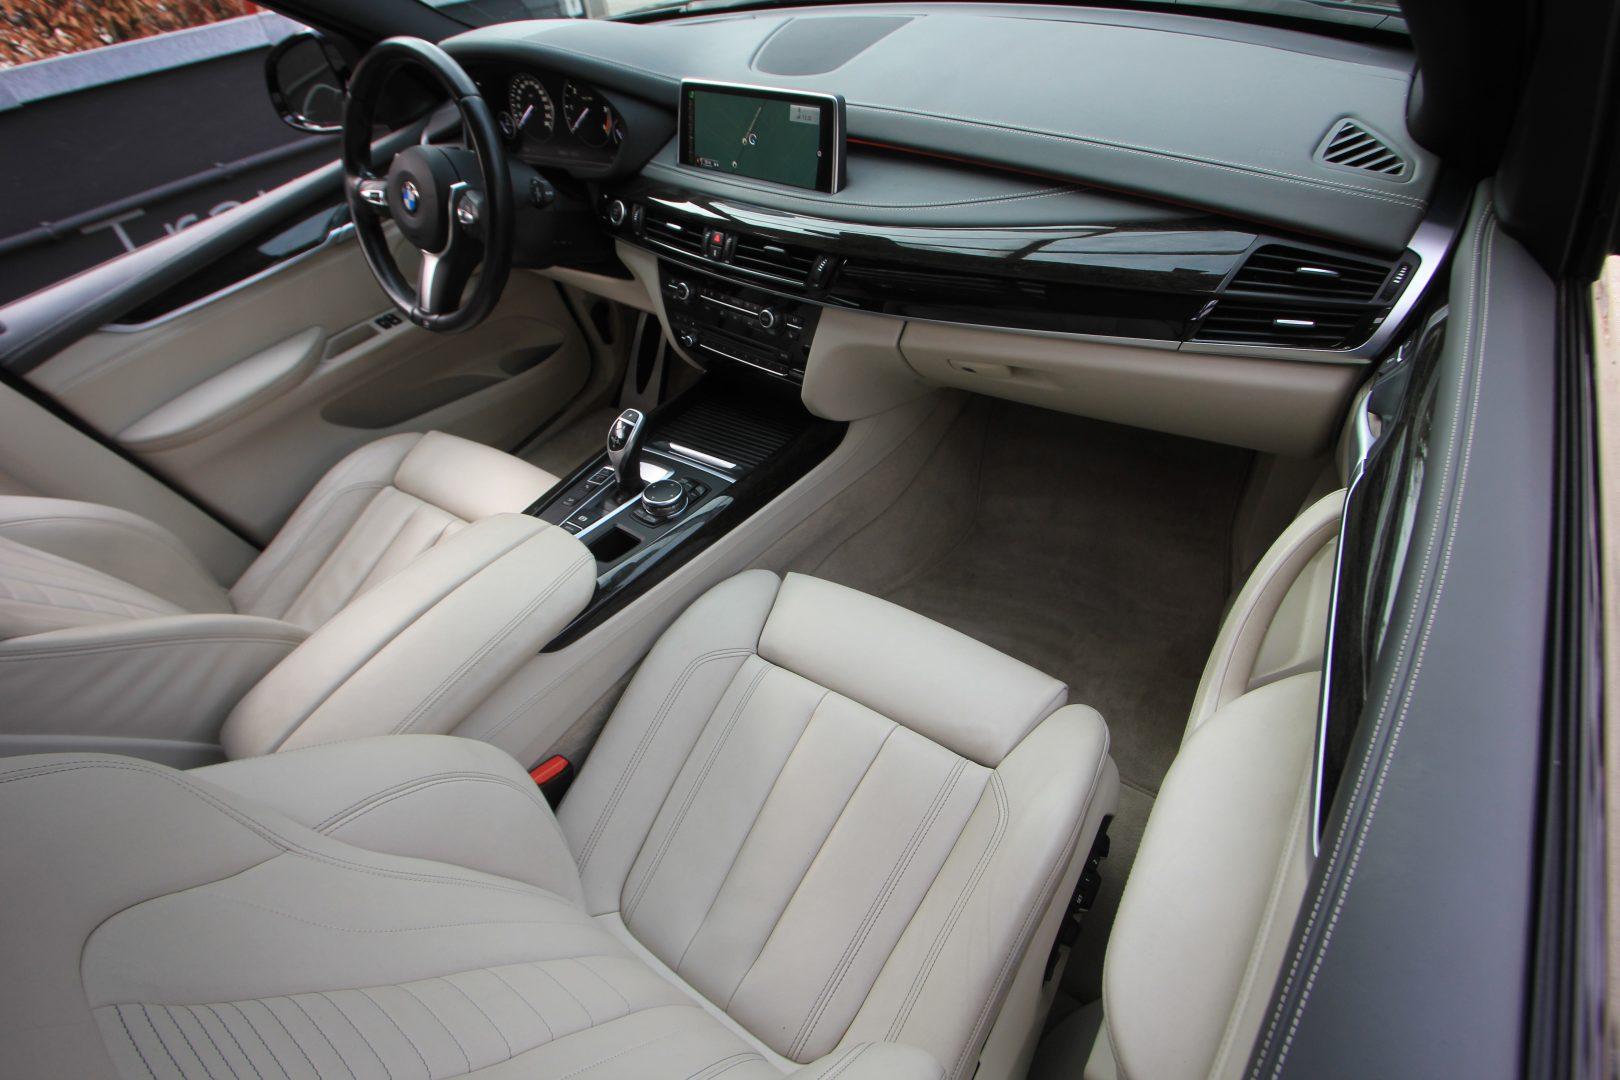 AIL BMW X5 xDrive40d 8